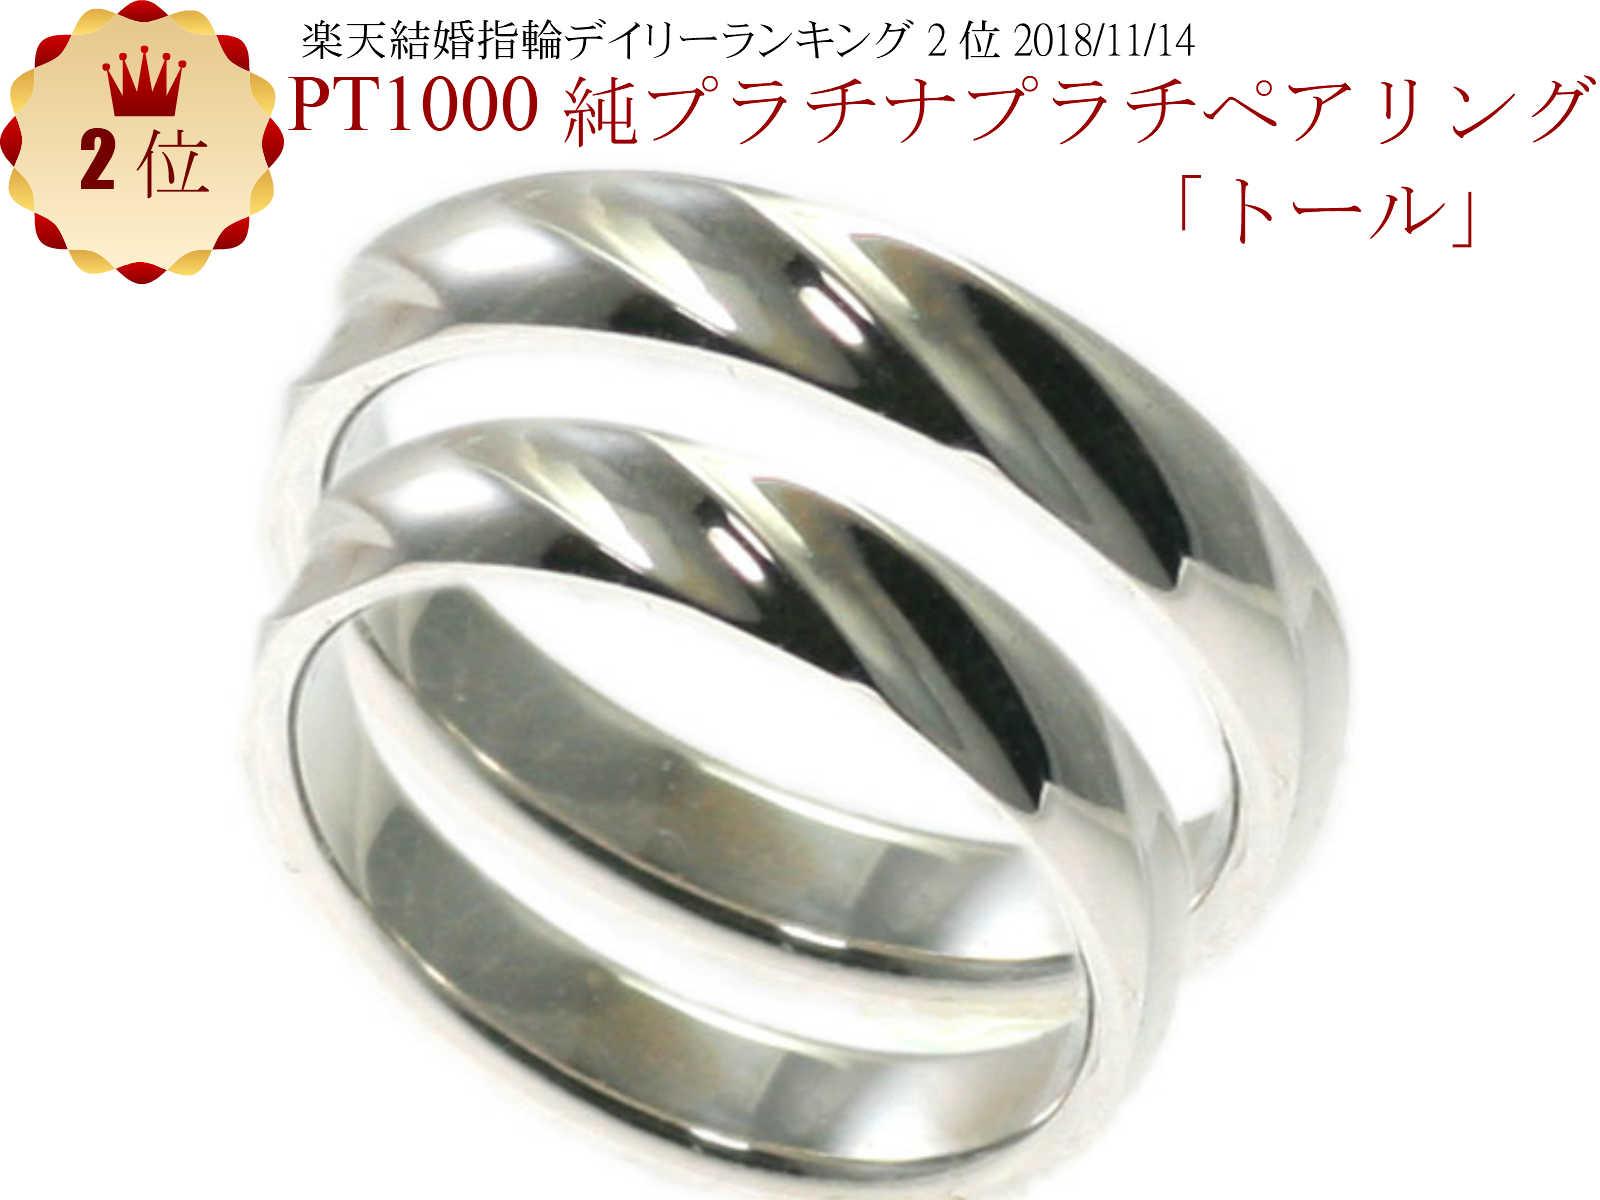 結婚指輪 マリッジリング 「トール」 純プラチナ pt1000 (pt999) ペアリング 2本セット 財務省造幣局検定マーク ホールマーク プラチナリング 【はこぽす対応商品】 02P03Dec16 【ホワイトデー】